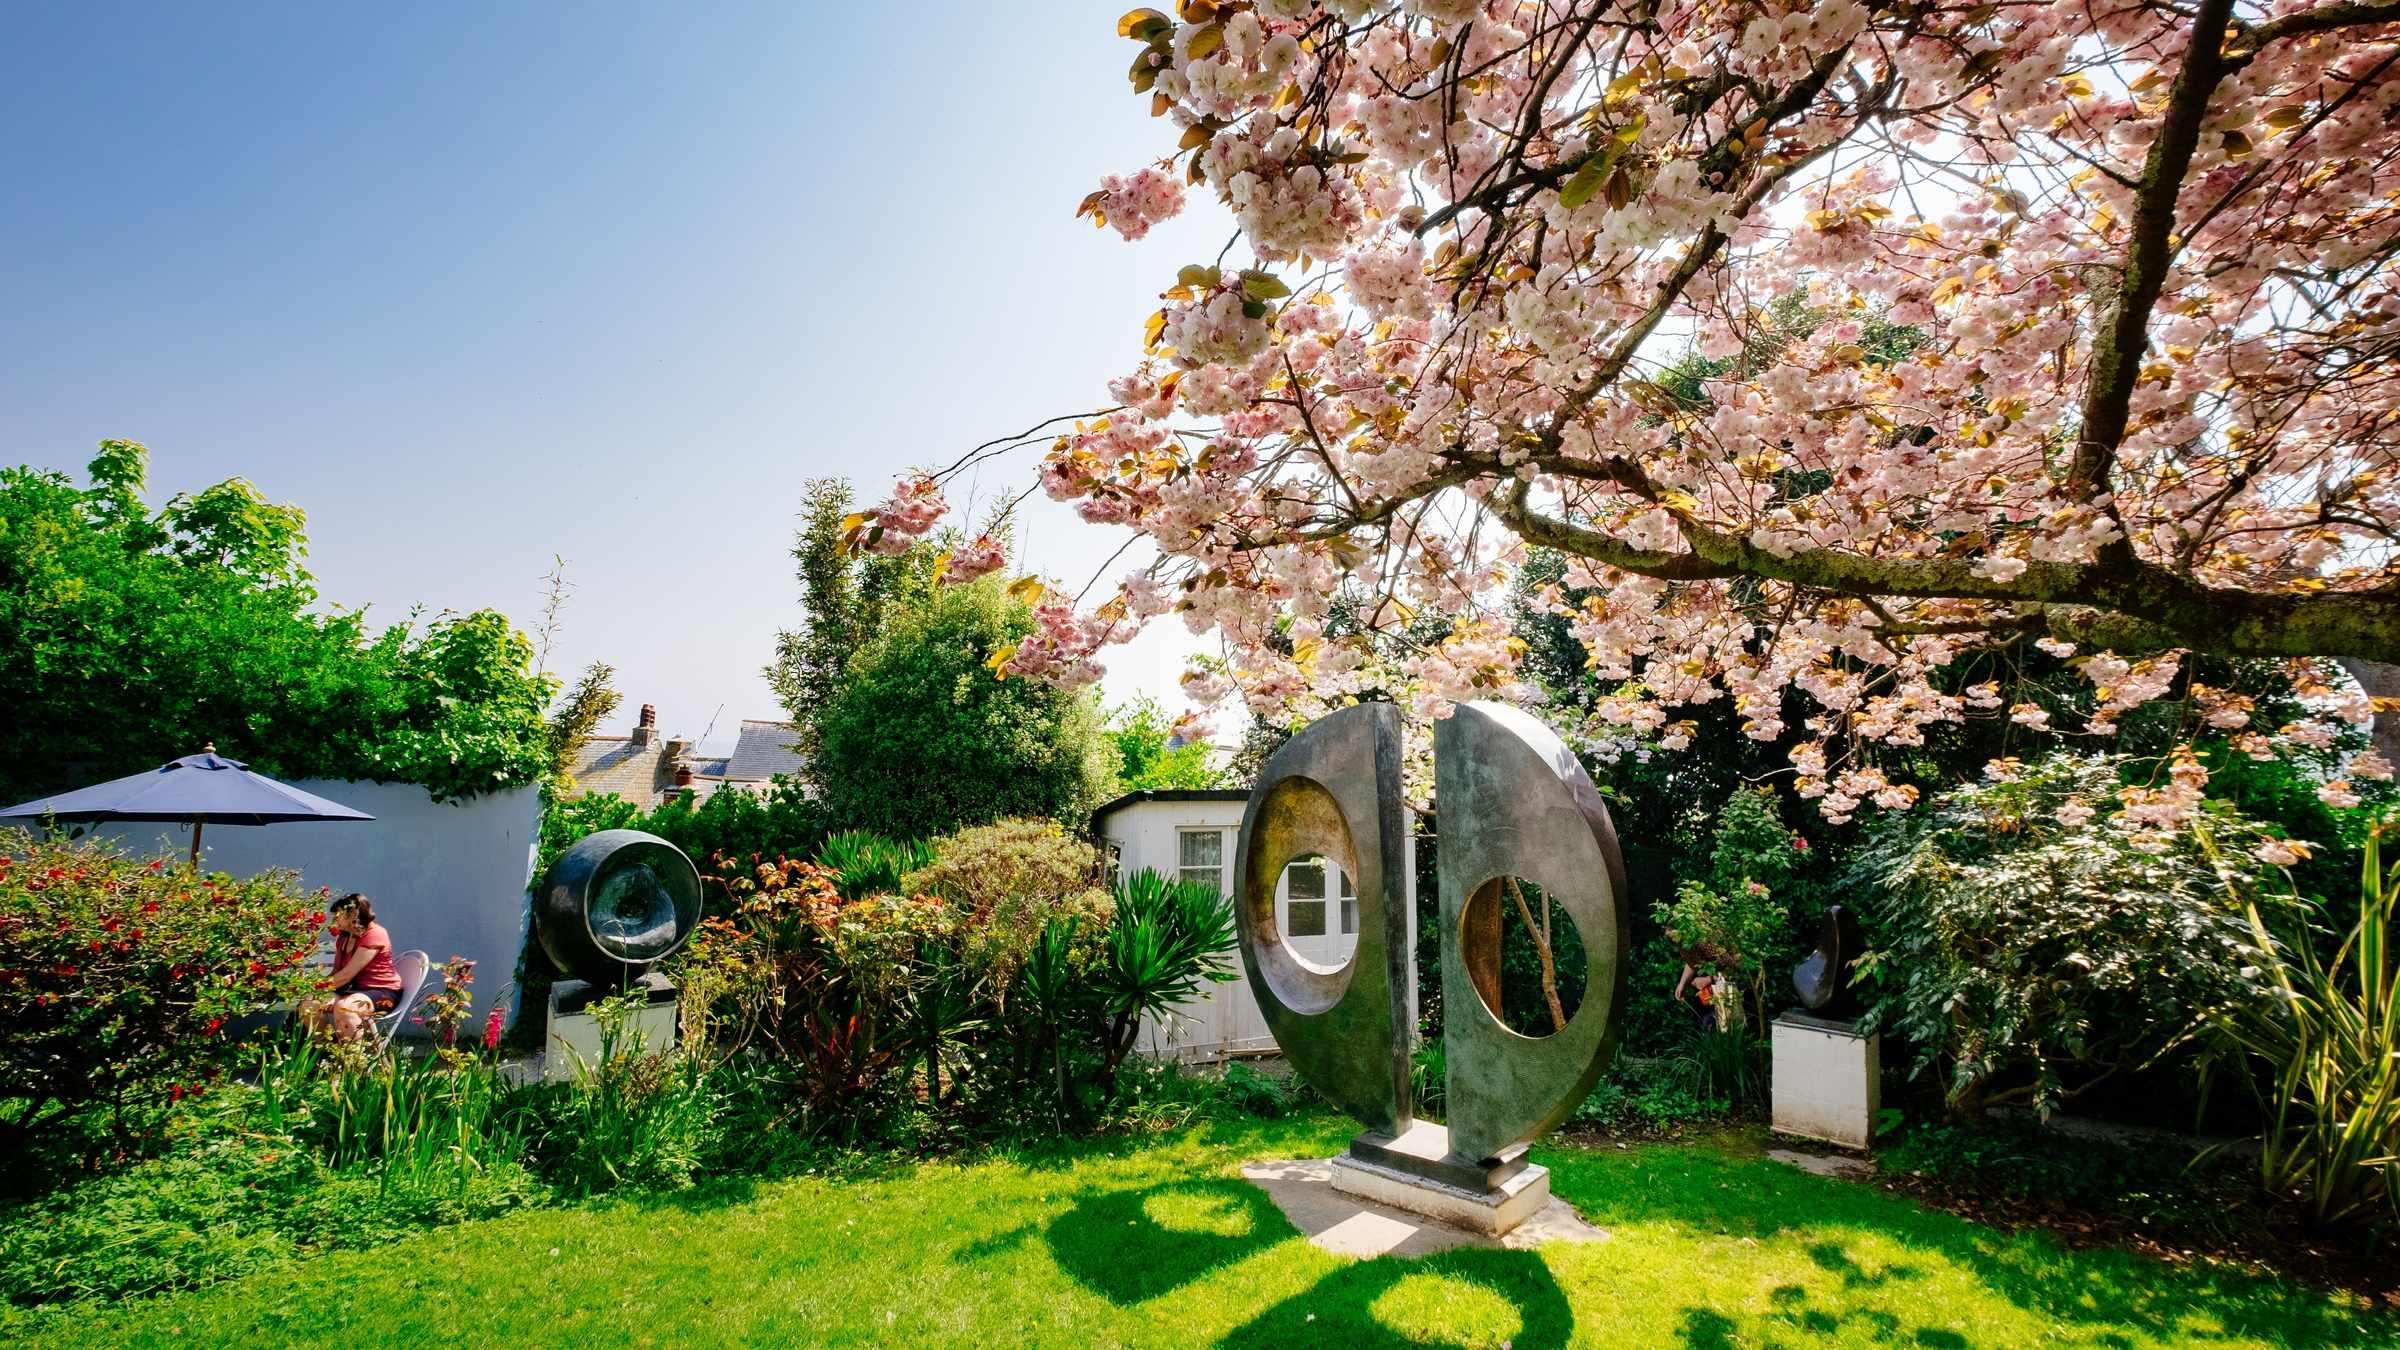 Barbara Hepworth Museum & Sculpture Garden